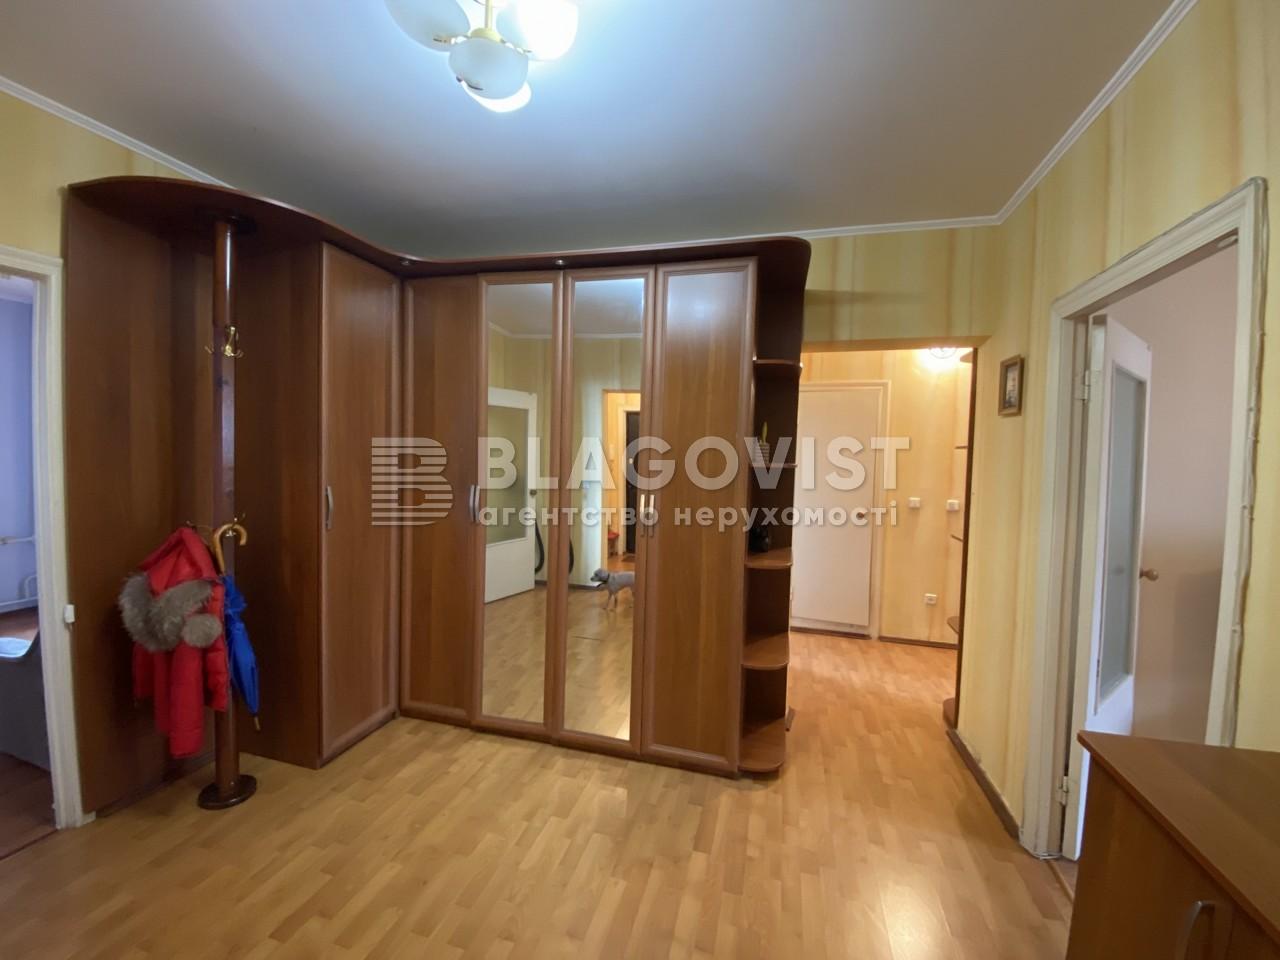 Квартира F-44579, Ревуцкого, 7, Киев - Фото 16